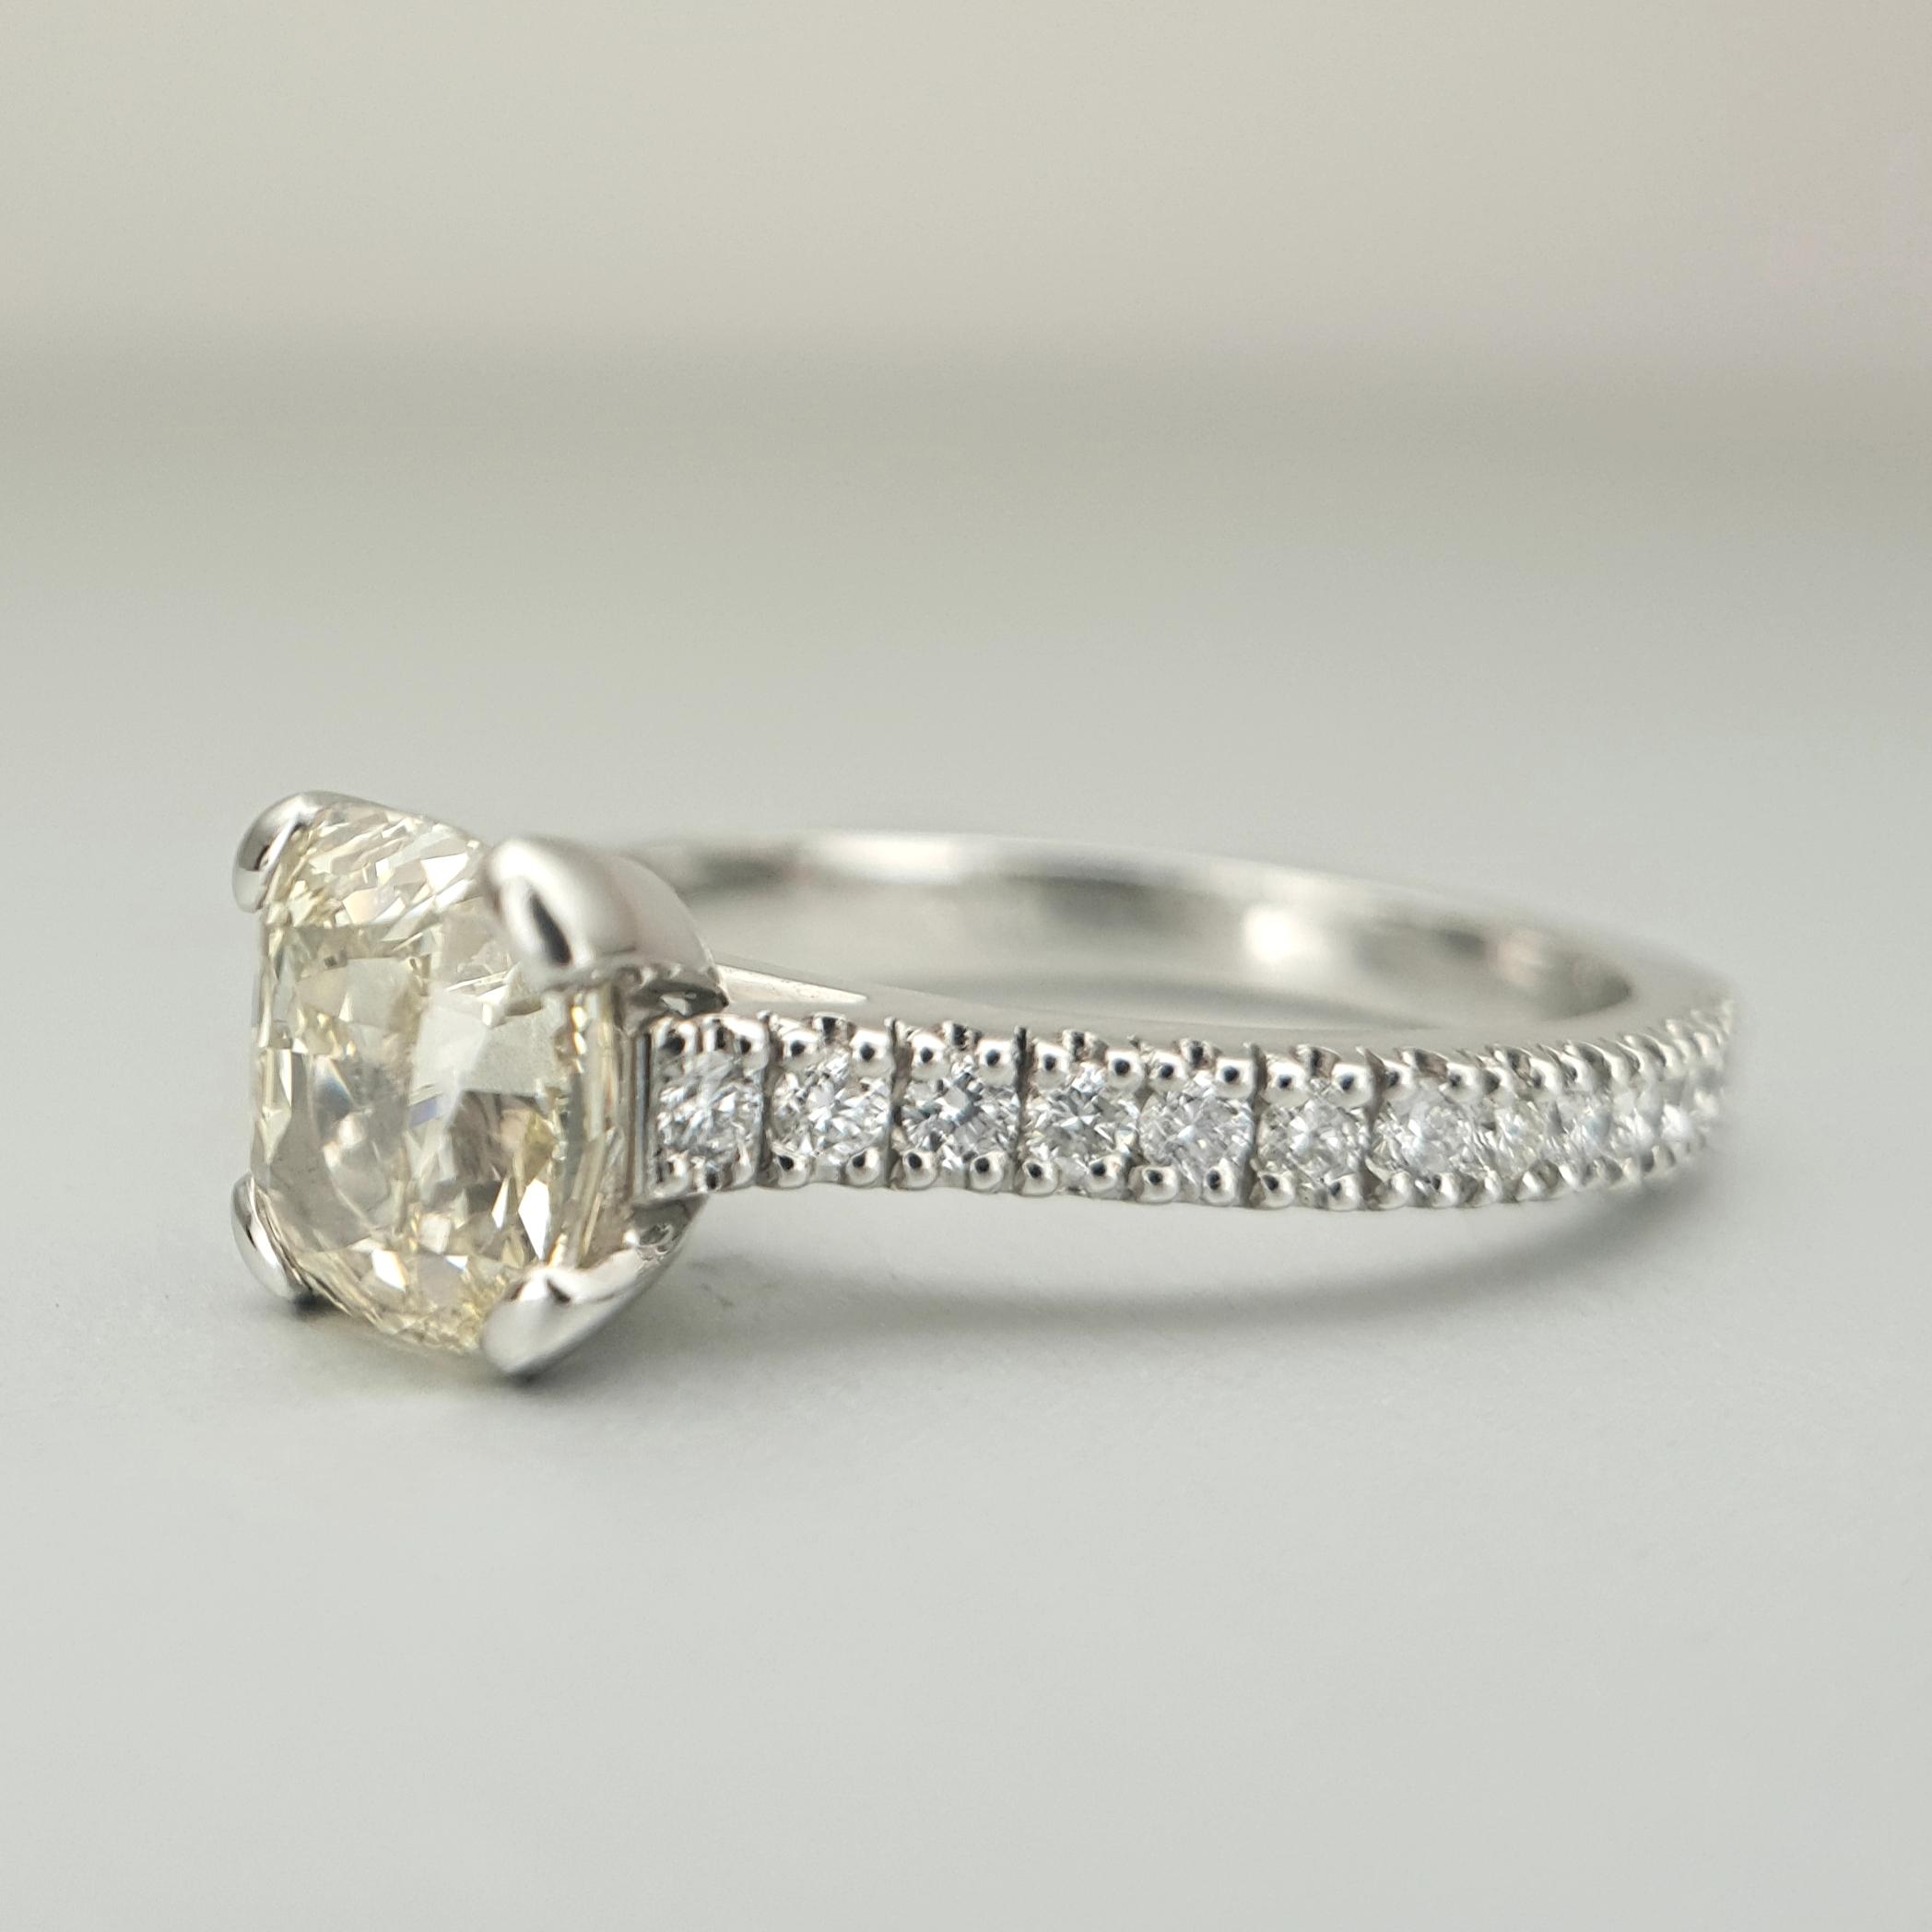 'Valentin' Diamond Ring in Platinum